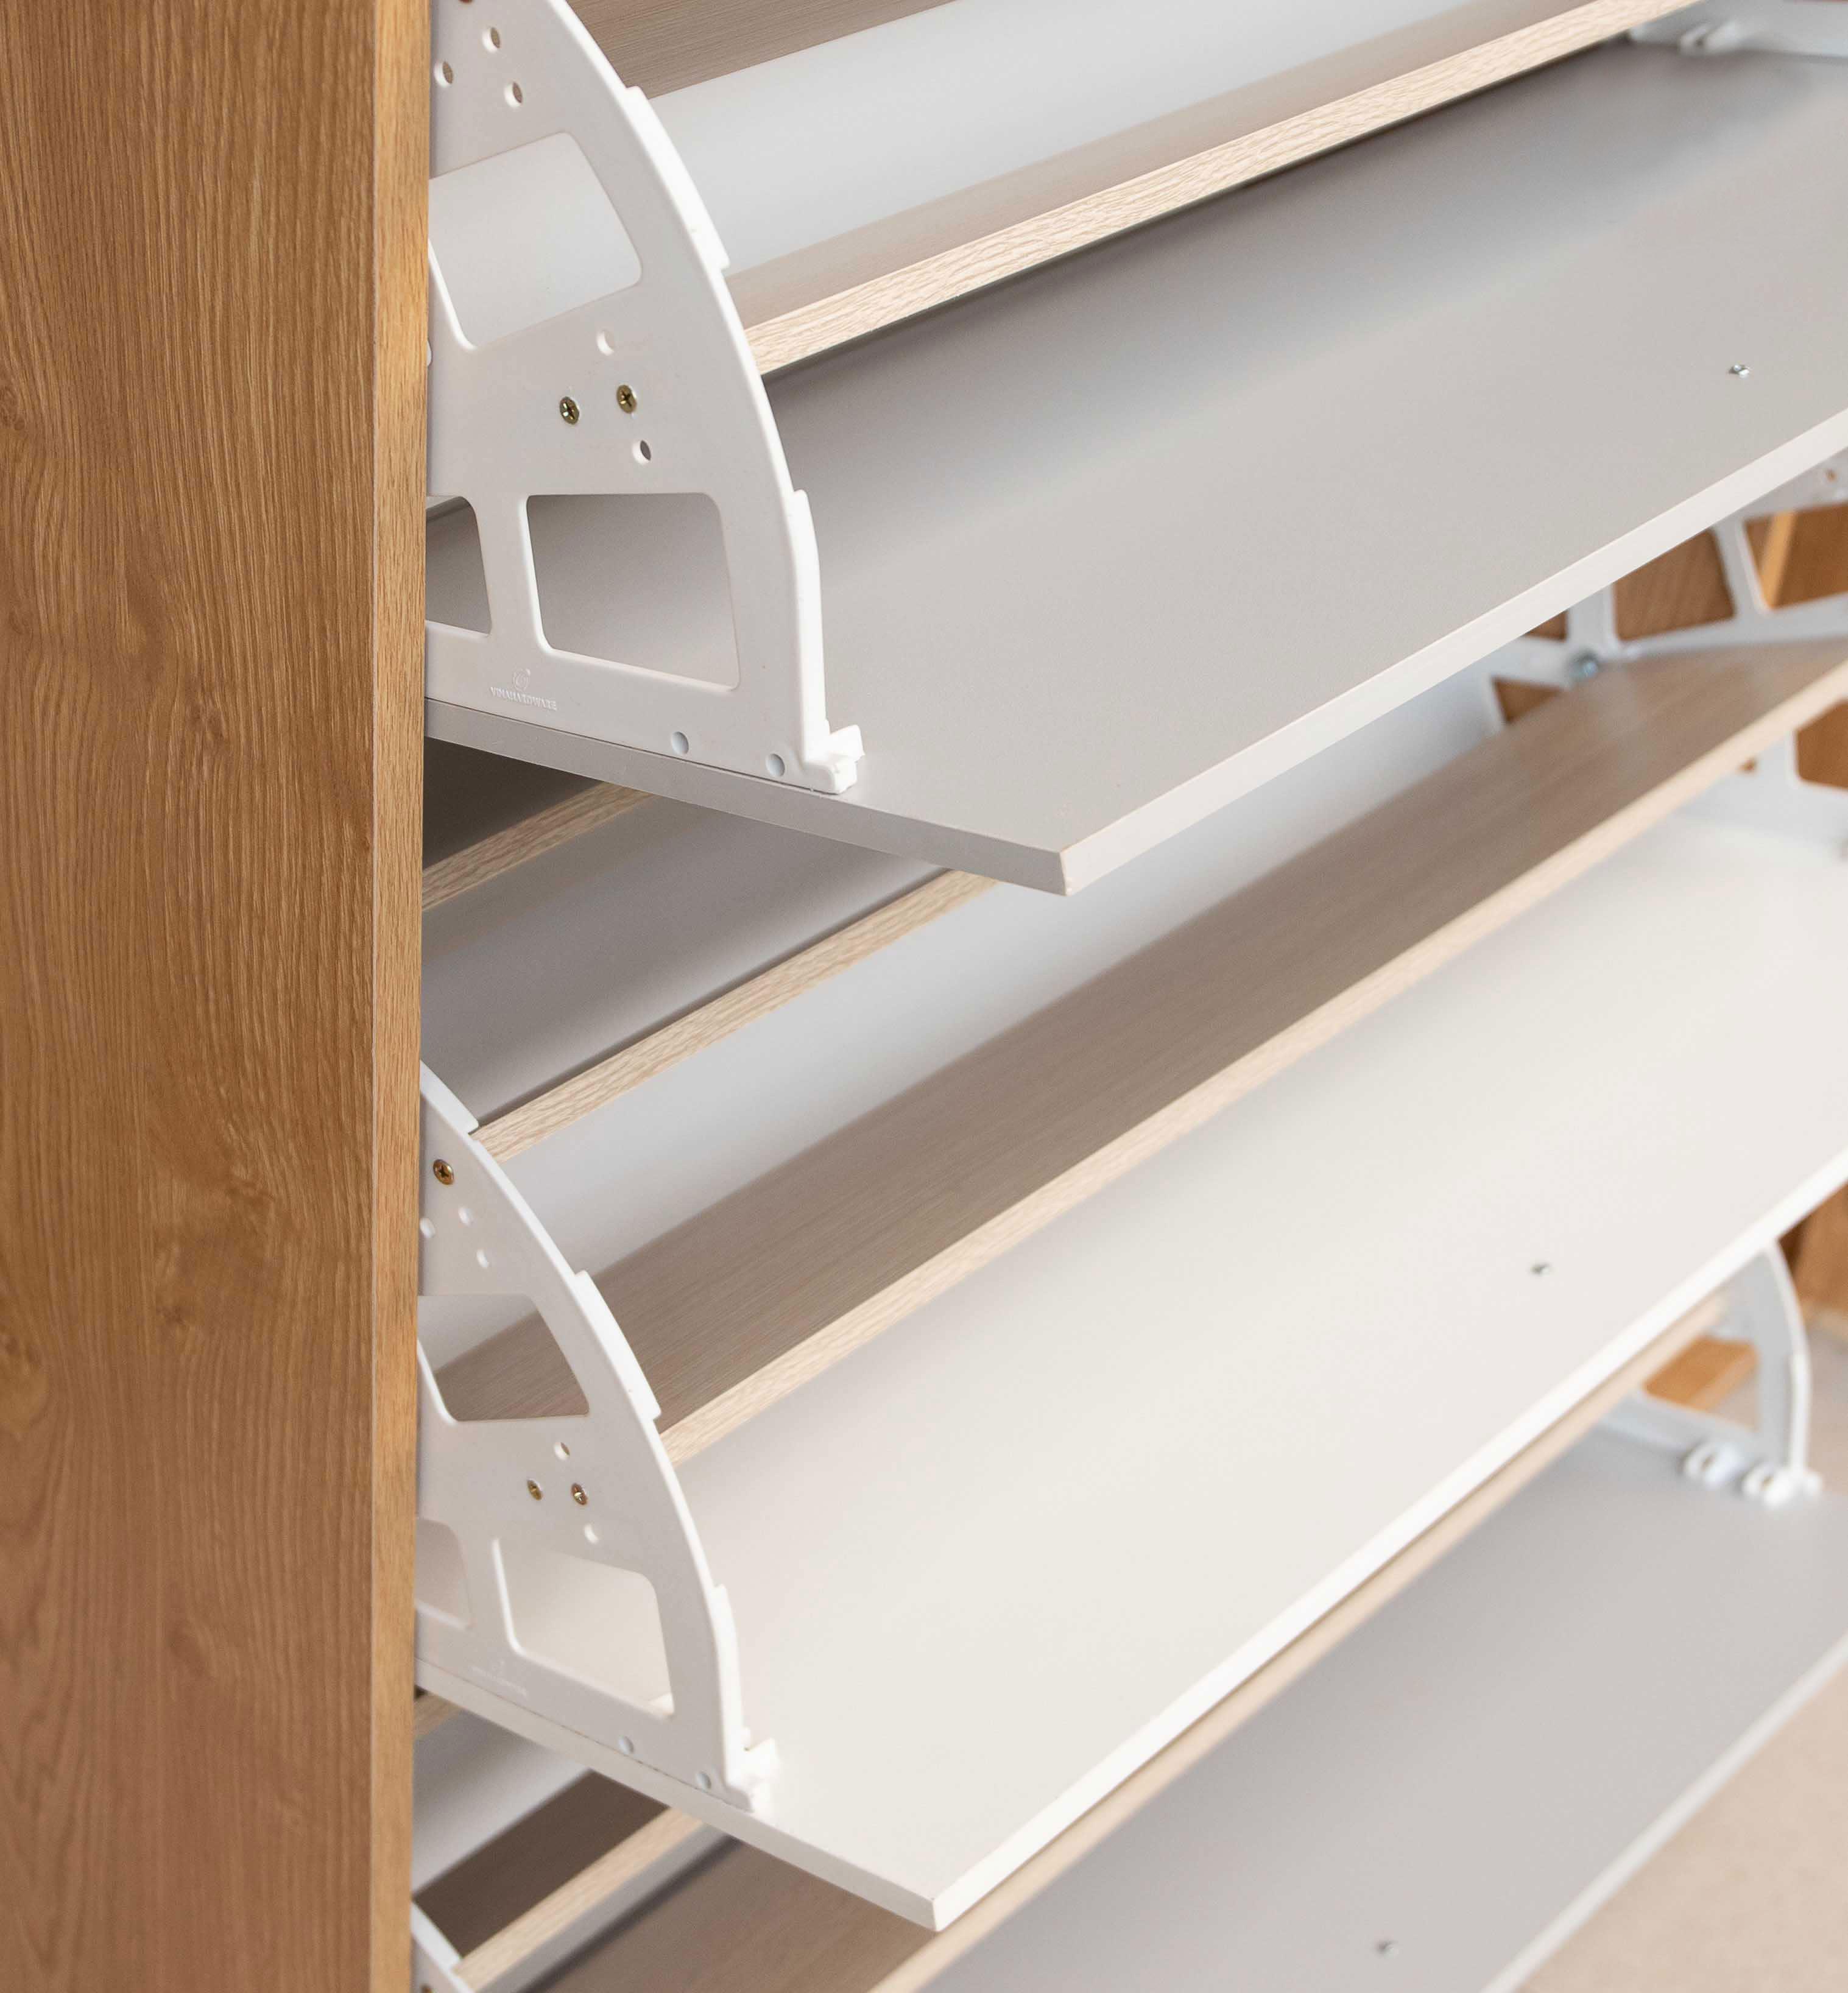 Tủ Đựng Giầy Dép,Tủ Để Giày Dép Thông Minh Có Ngăn Đựng Nón Bảo Hiểm (TG-13)